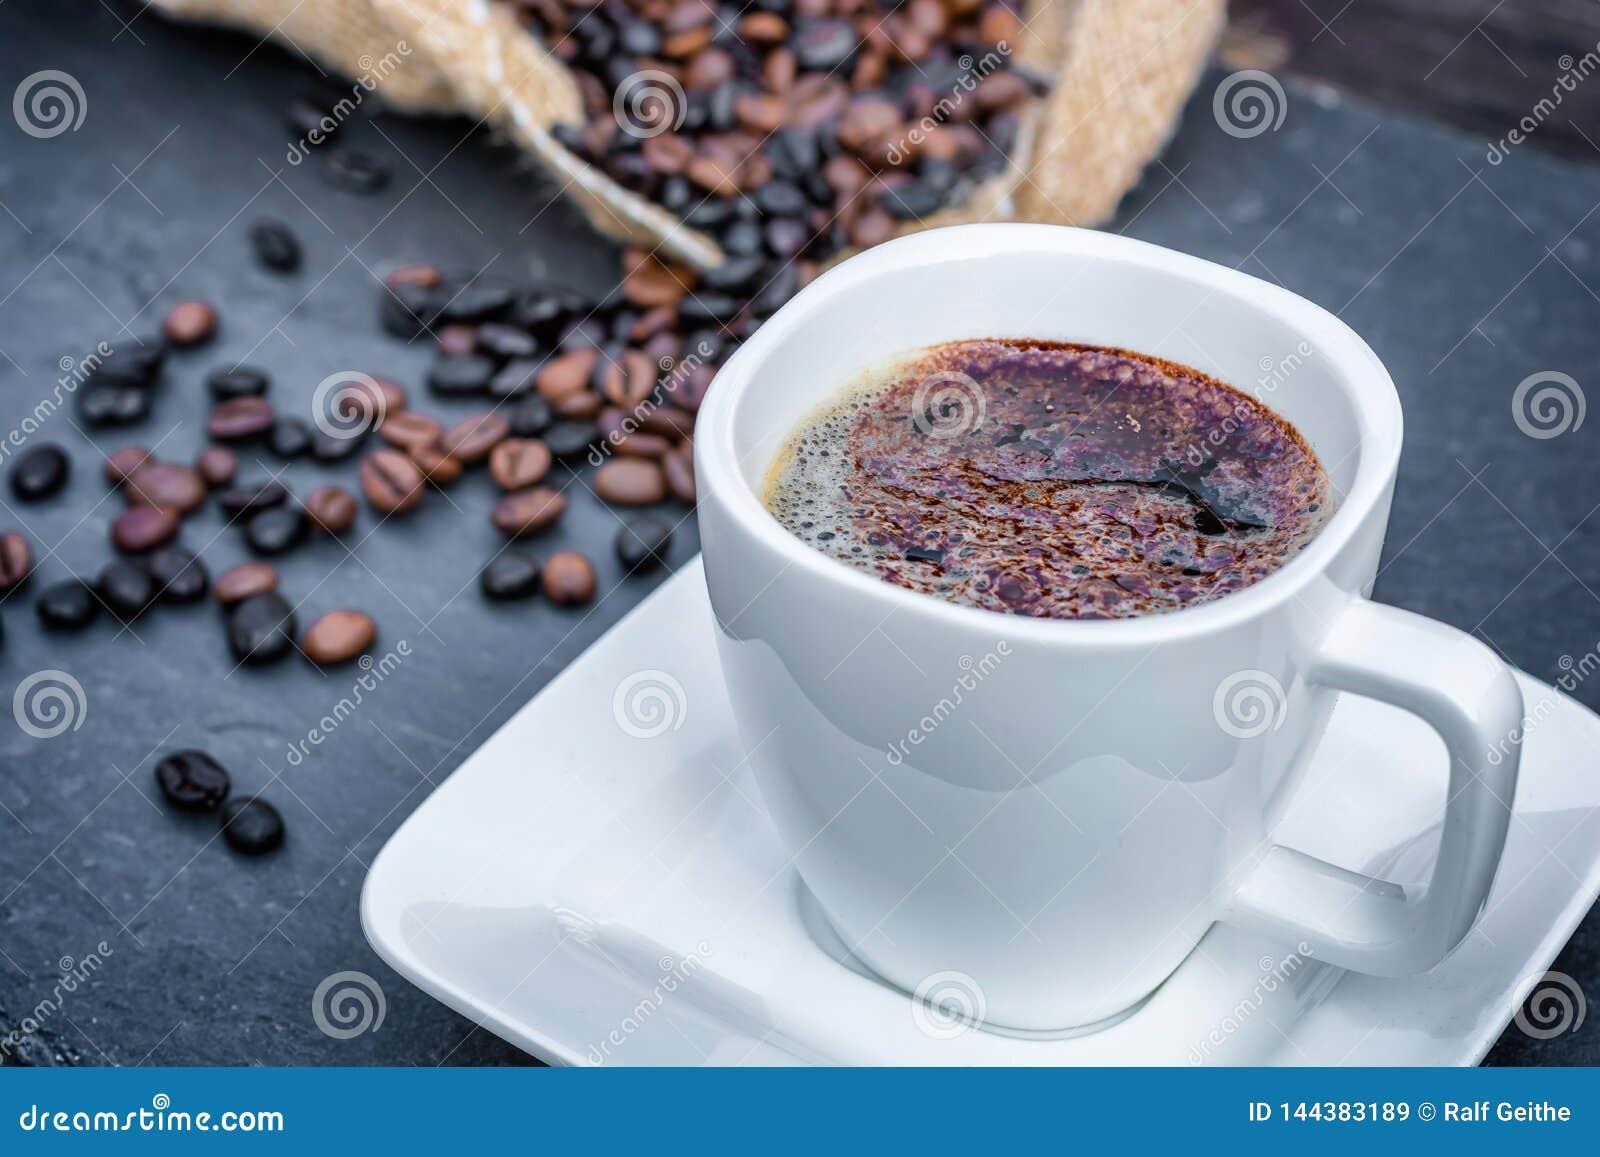 Kawa z kakaowym proszkiem dekorował dla nadziemskiej przyjemności